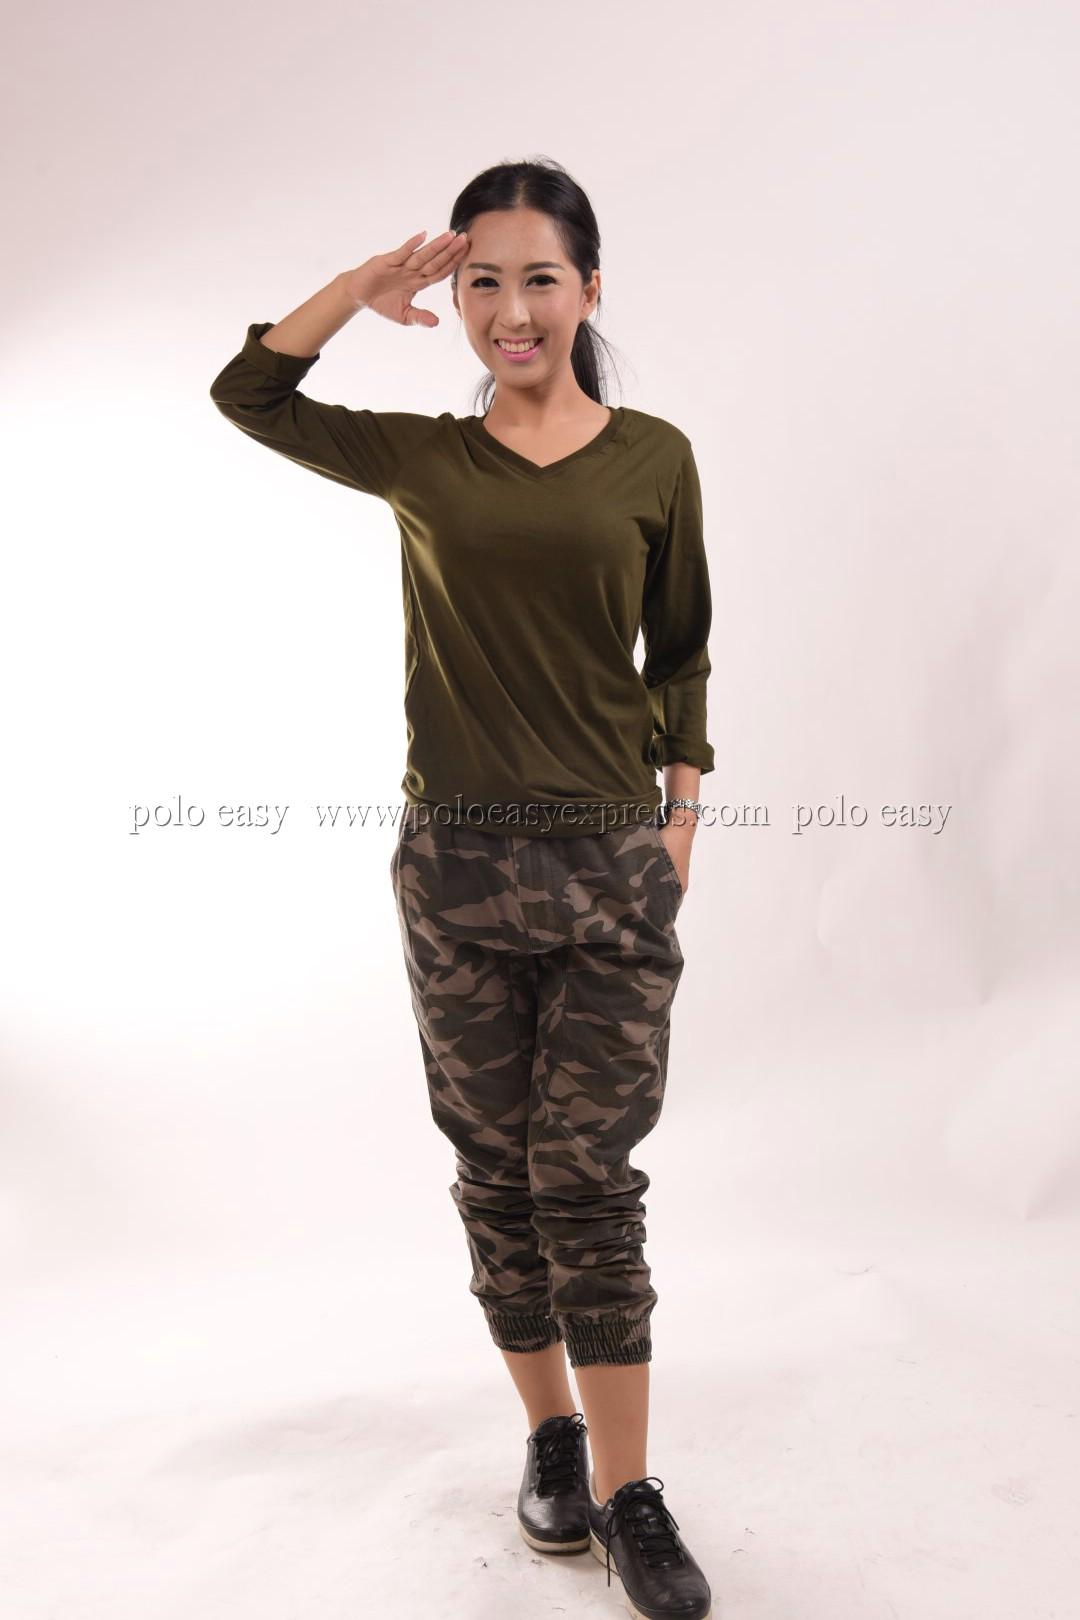 เสื้อยืด สีเขียวขี้ม้า คอวี แขนยาว Size XL สำเนา